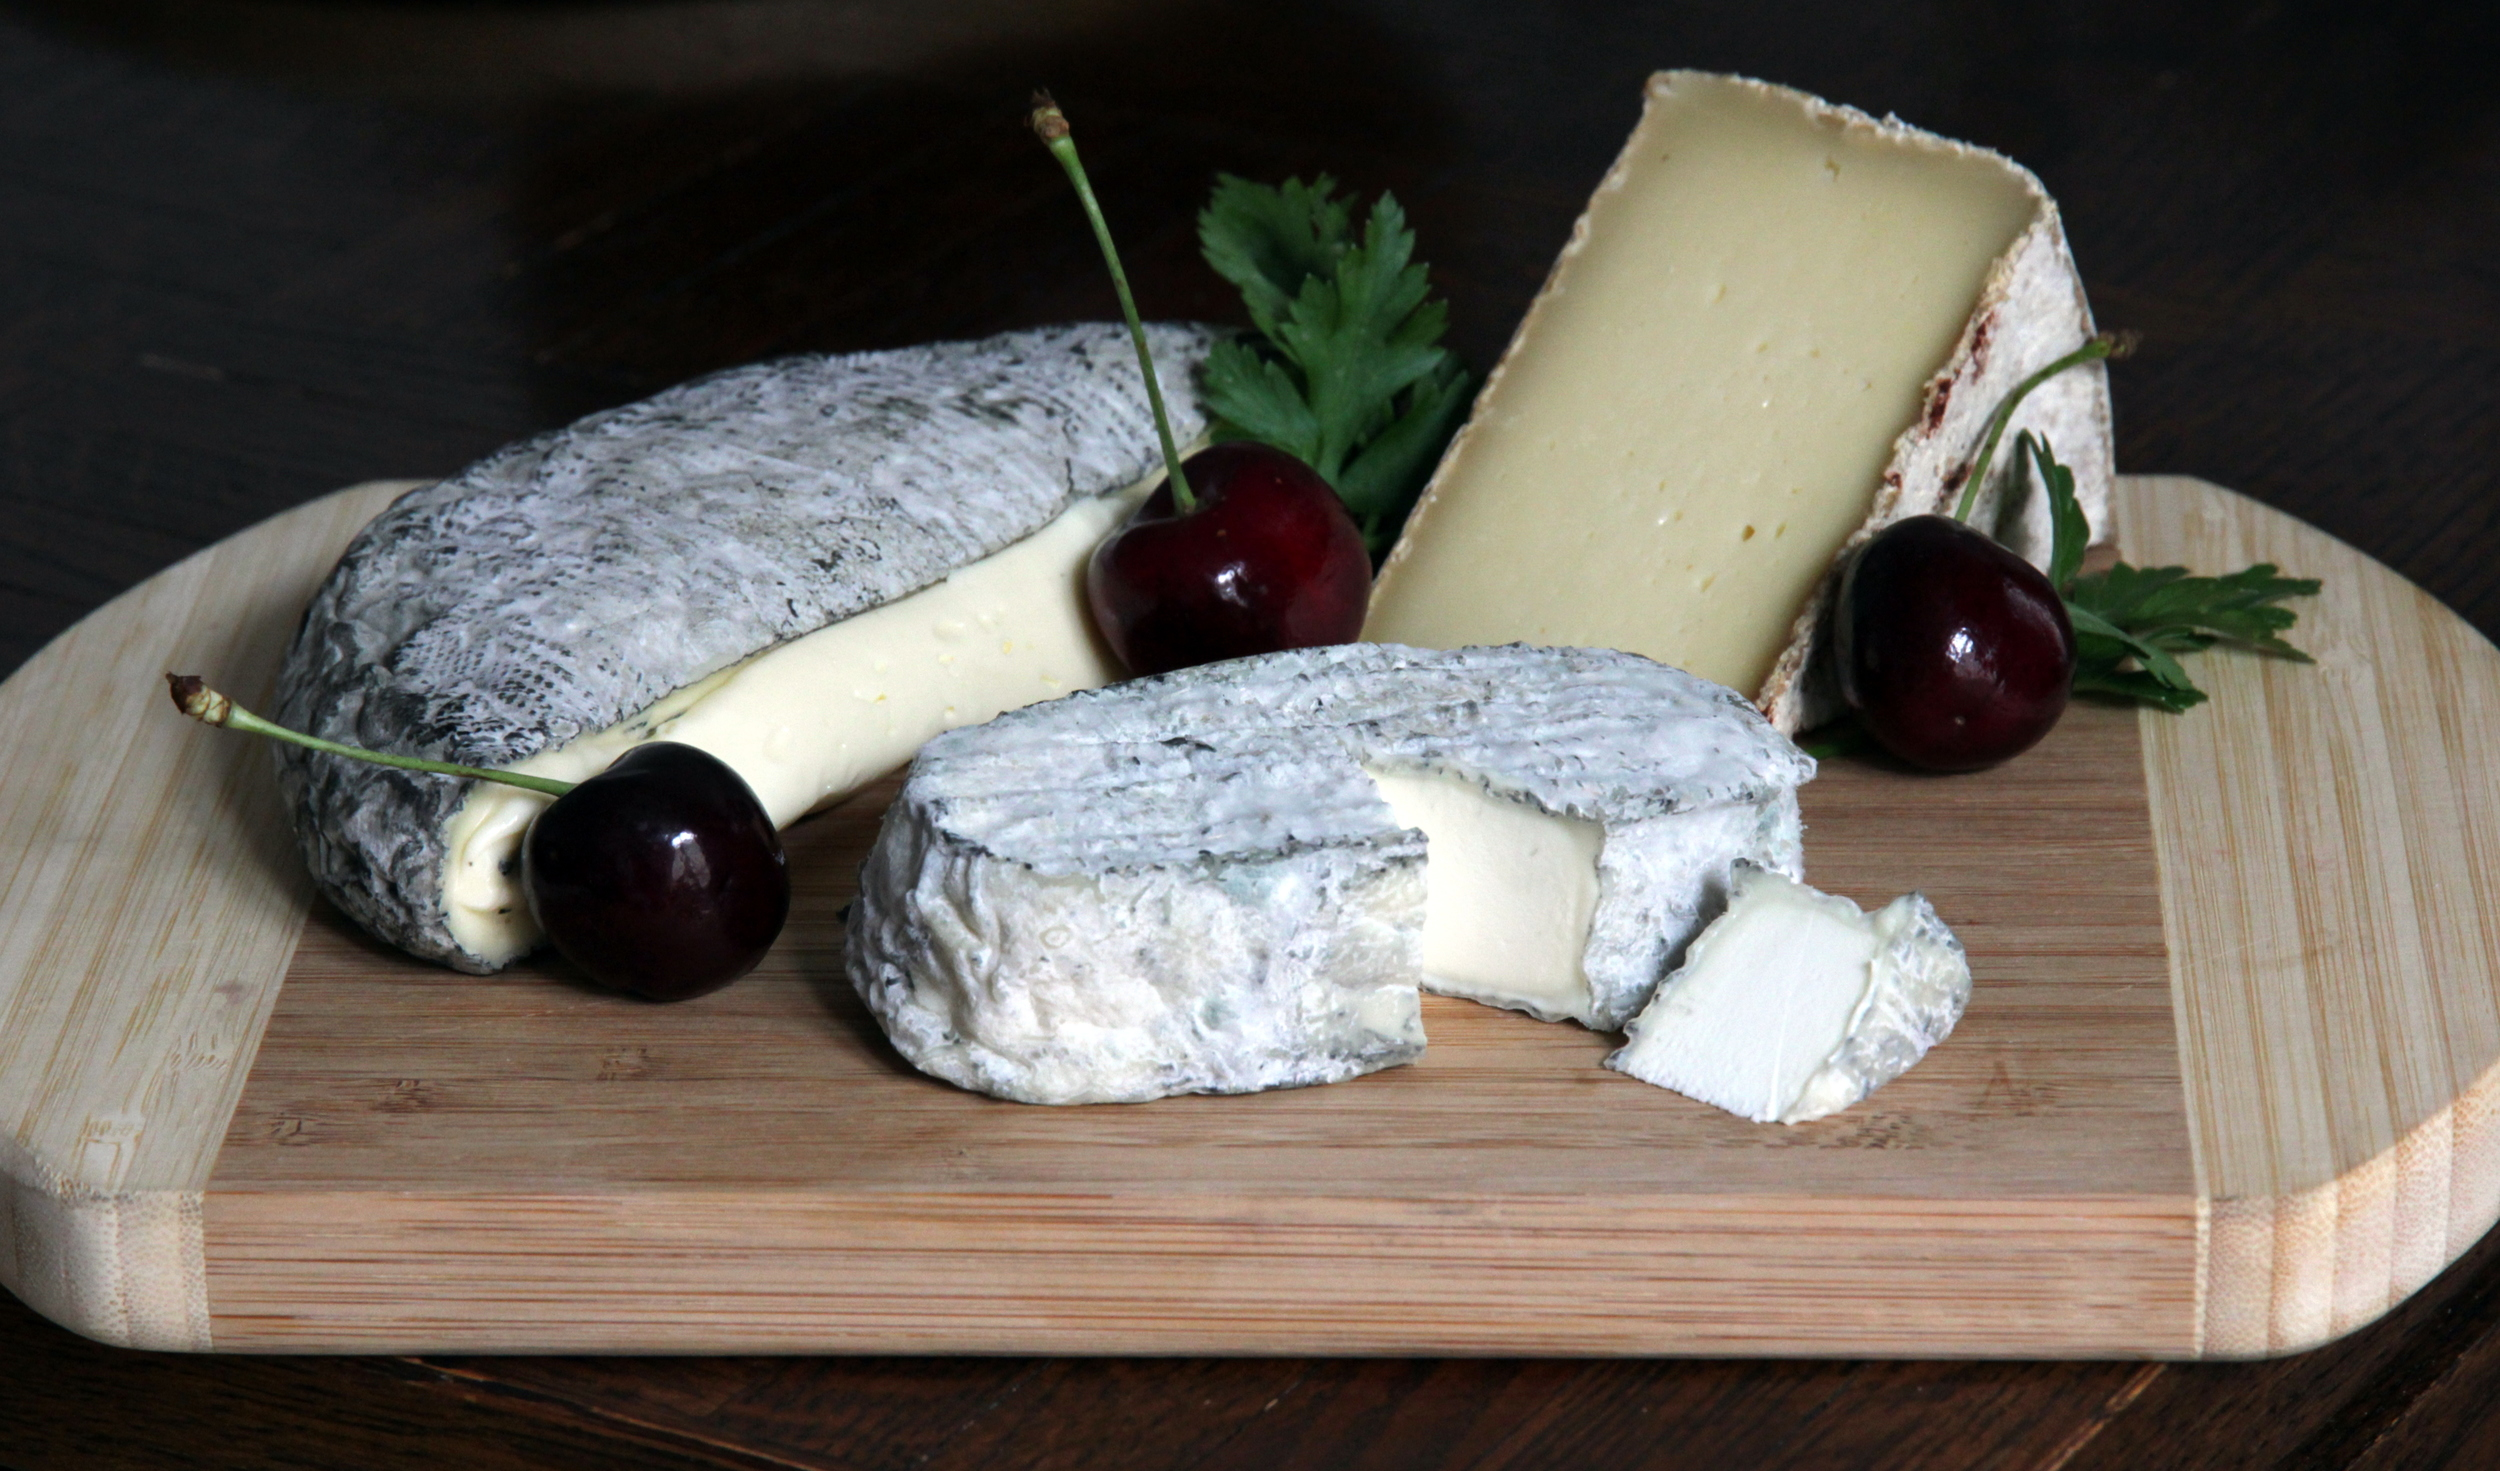 Les fromages de chez Luna : le Montbriac/Rochebaron à gauche, le chèvre fermier au milieu/avant, et le Chevrotin à droite.